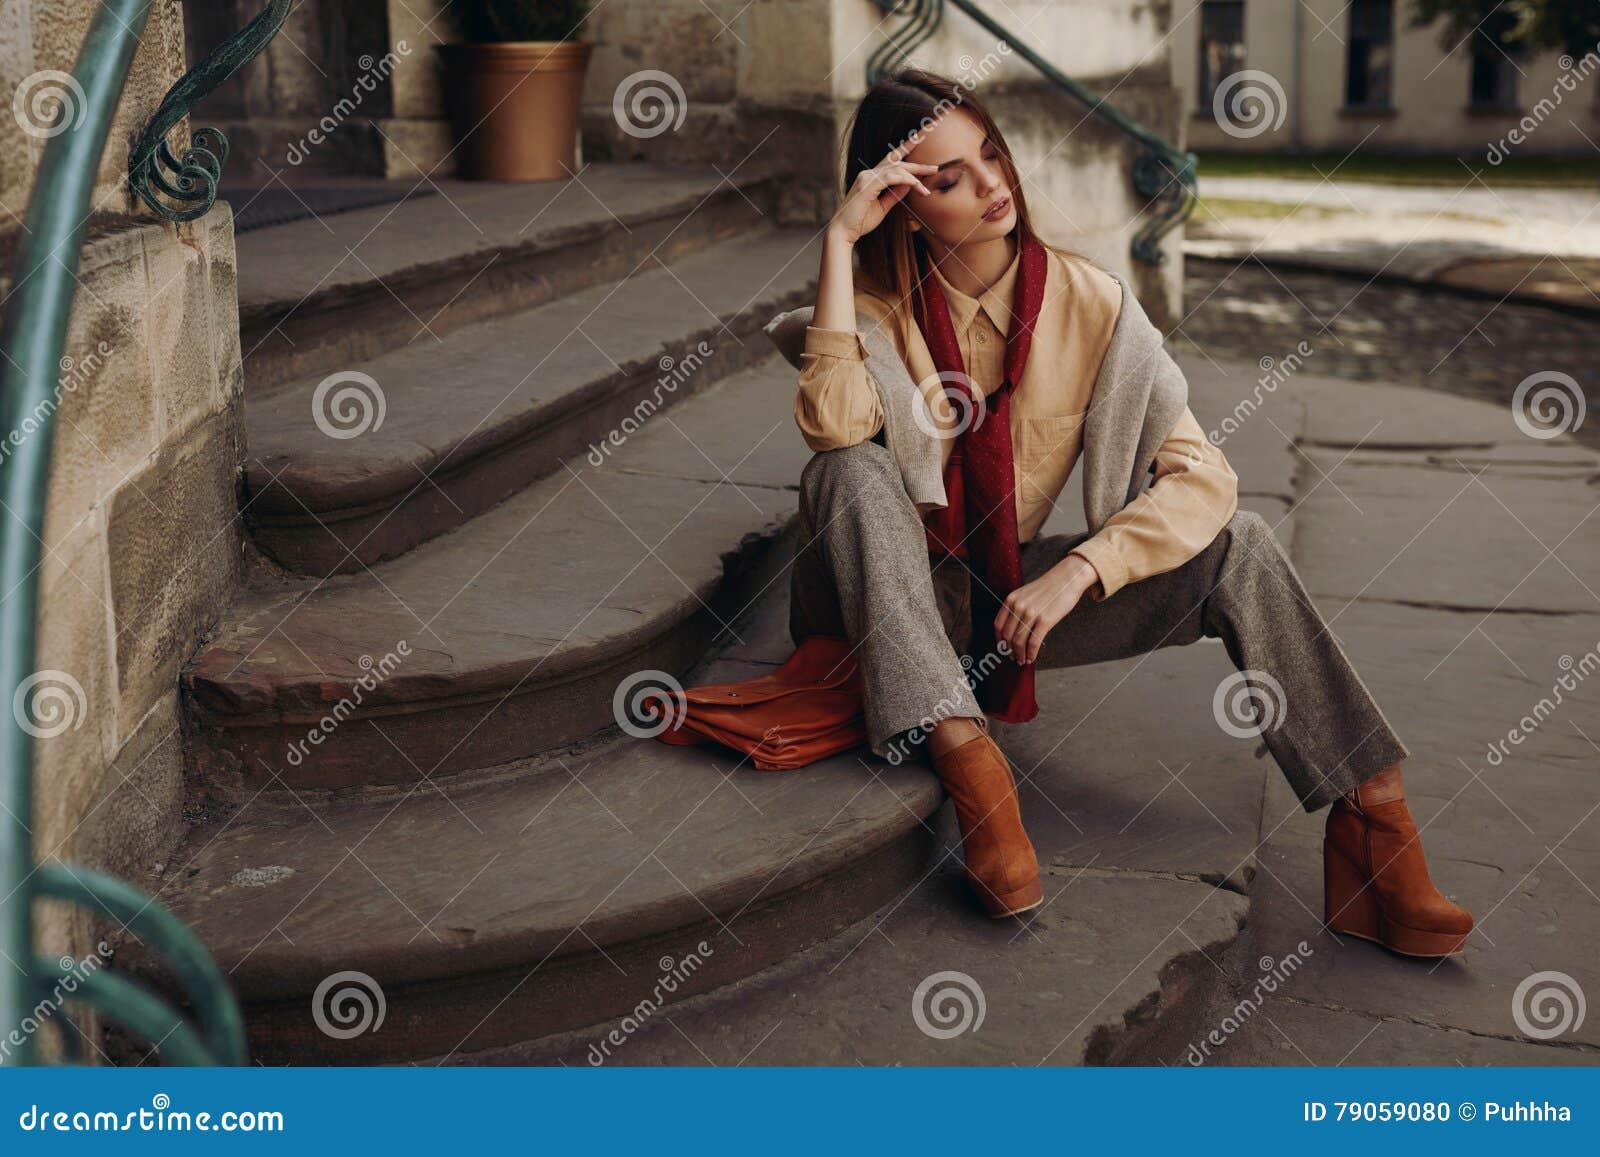 Modèle de mode dans la rue Belle femme dans des vêtements à la mode